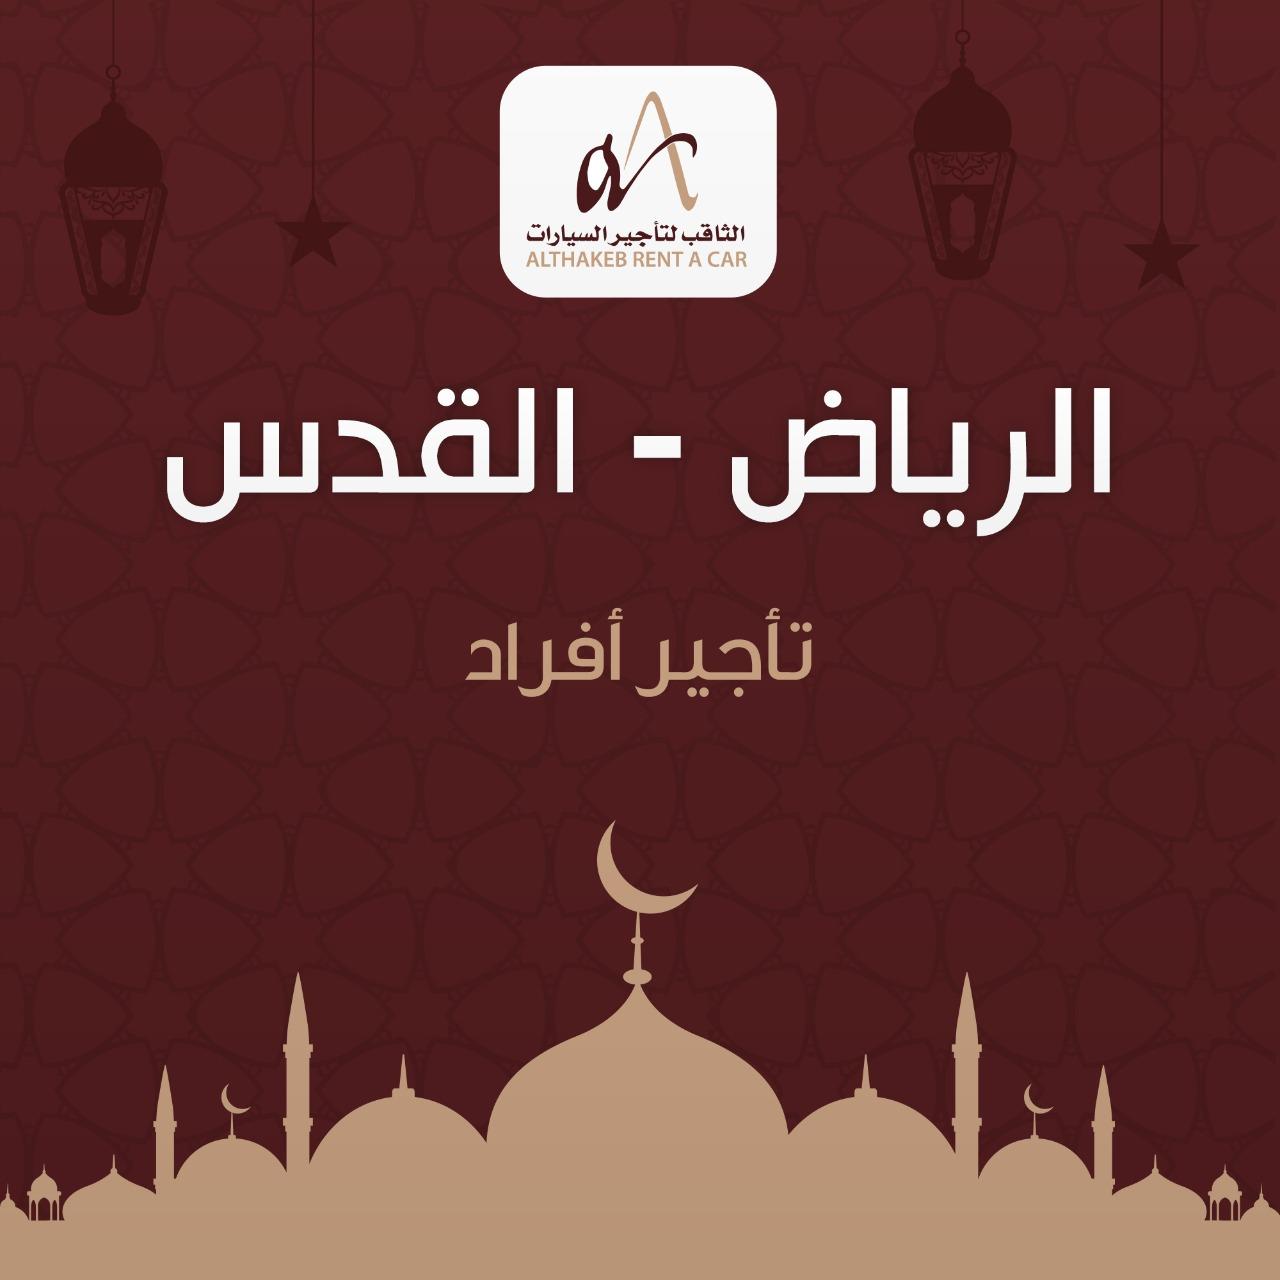 الرياض - القدس